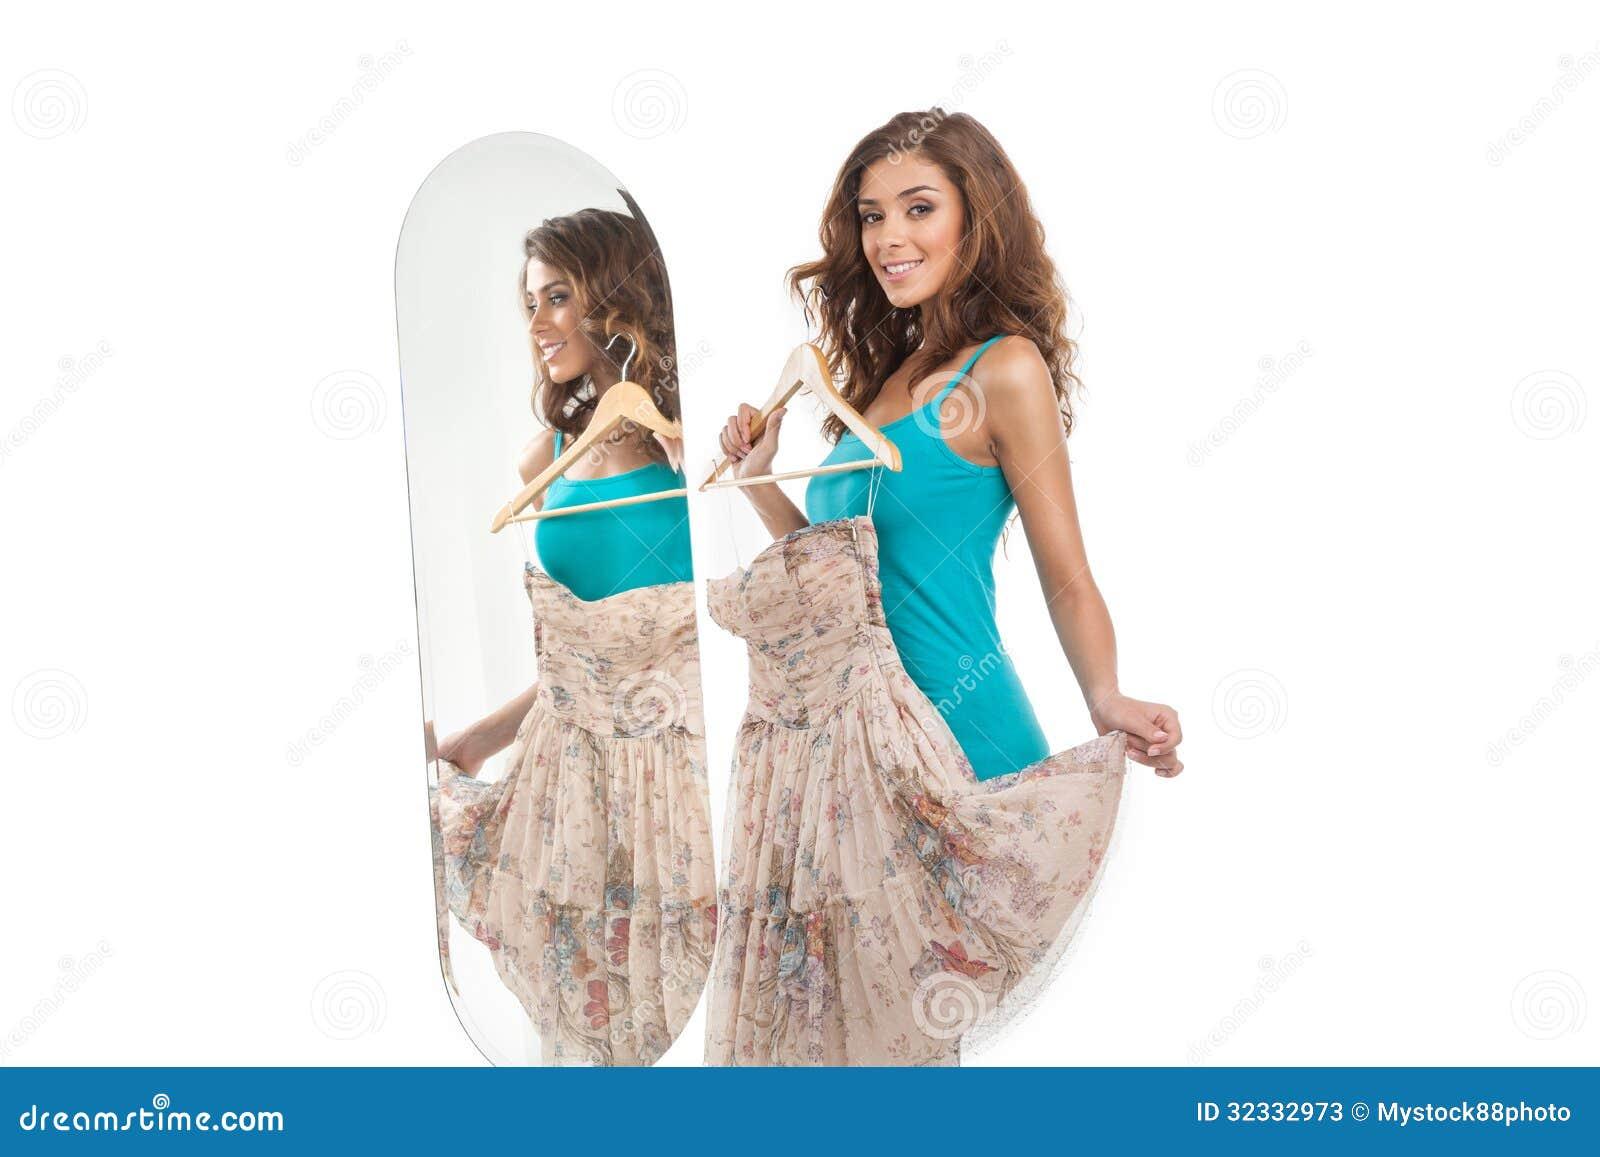 ¿Cómo estoy mirando? Mujeres jovenes hermosas que sostienen un vestido mientras que st